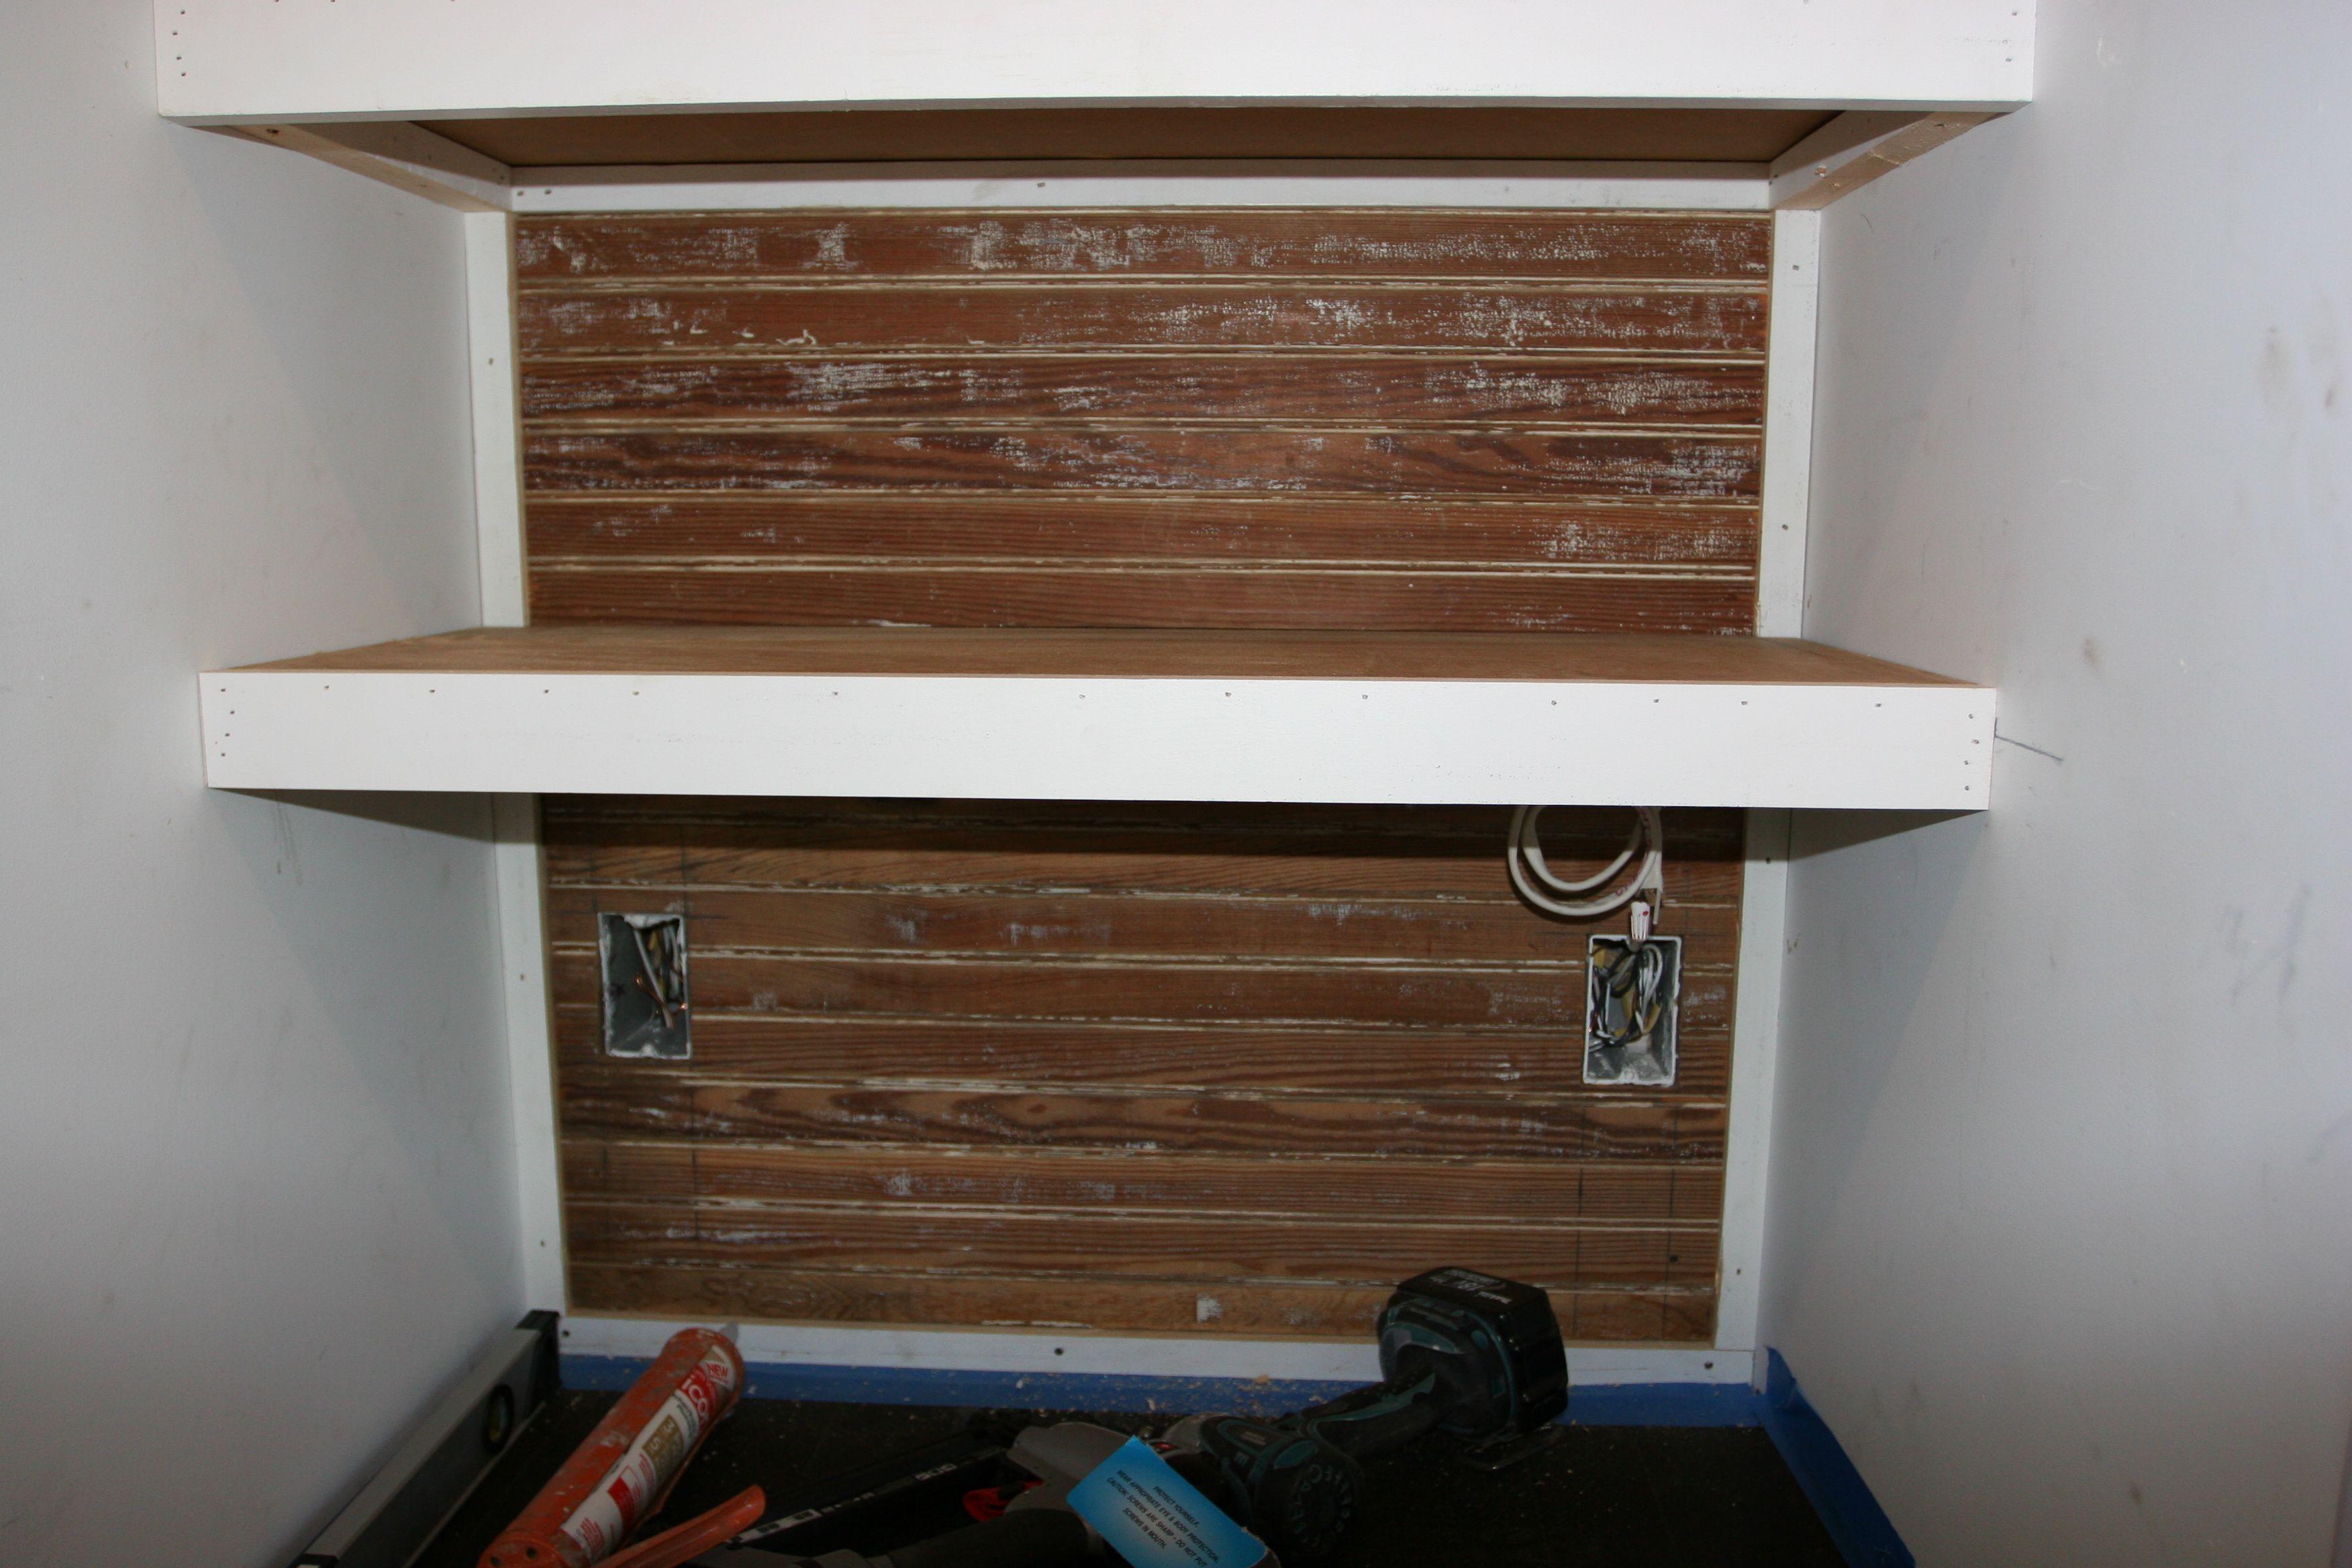 Reclaimed beadboard, cute little shelf. I'm smitten.